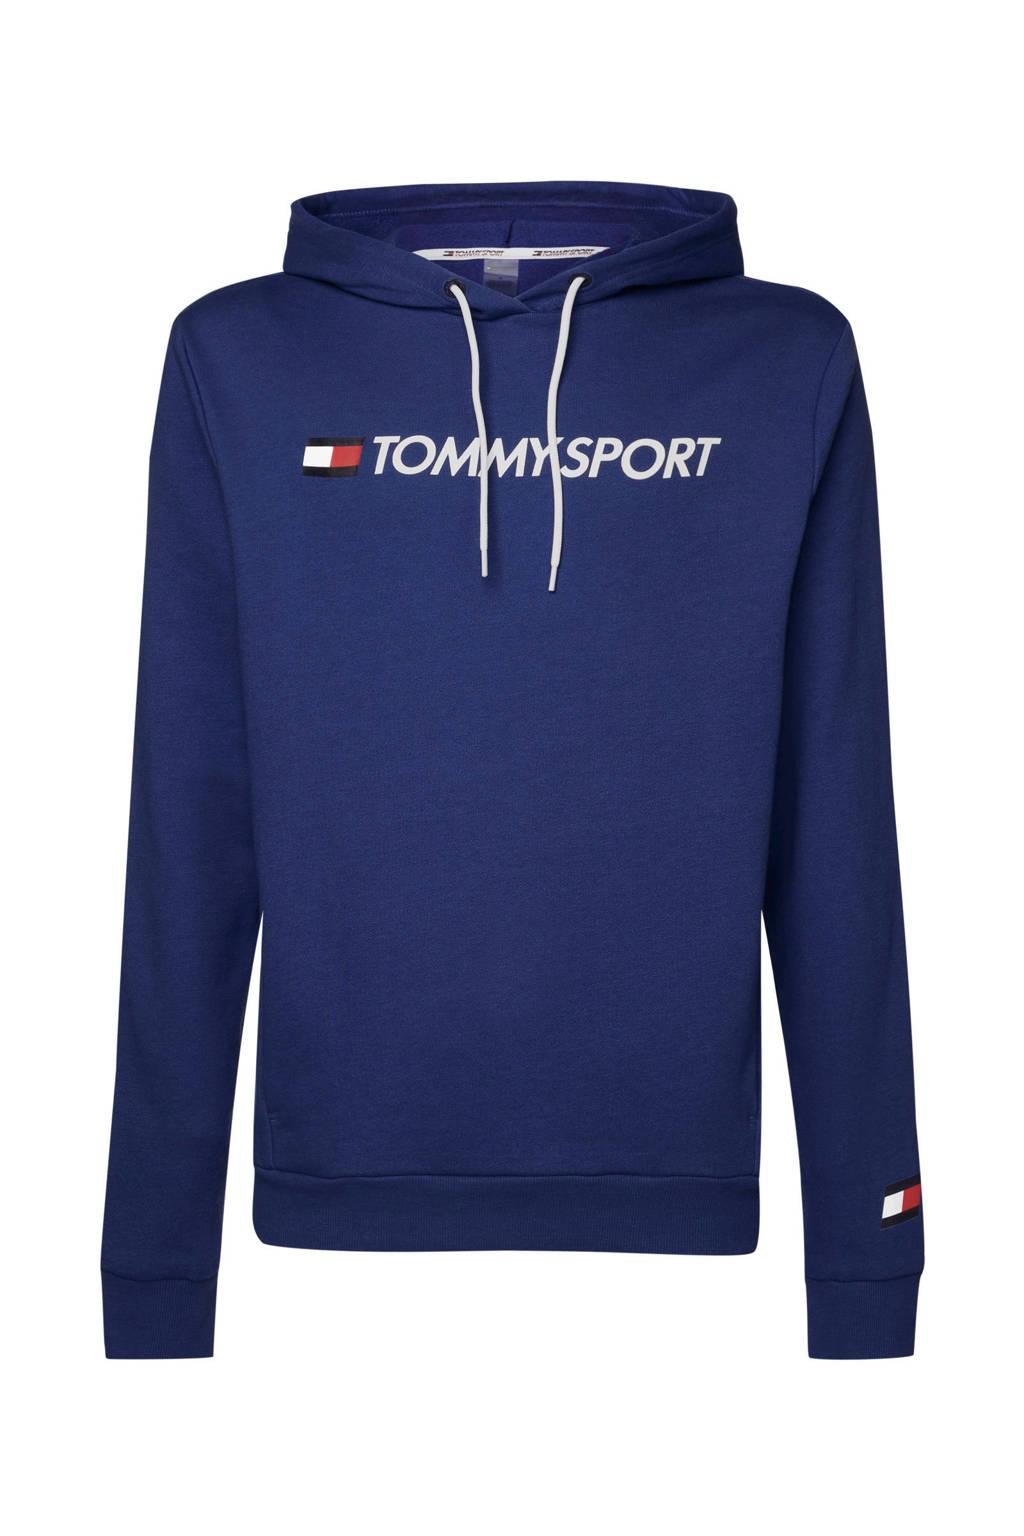 Tommy Hilfiger Sport   hoodie donkerblauw, Donkerblauw